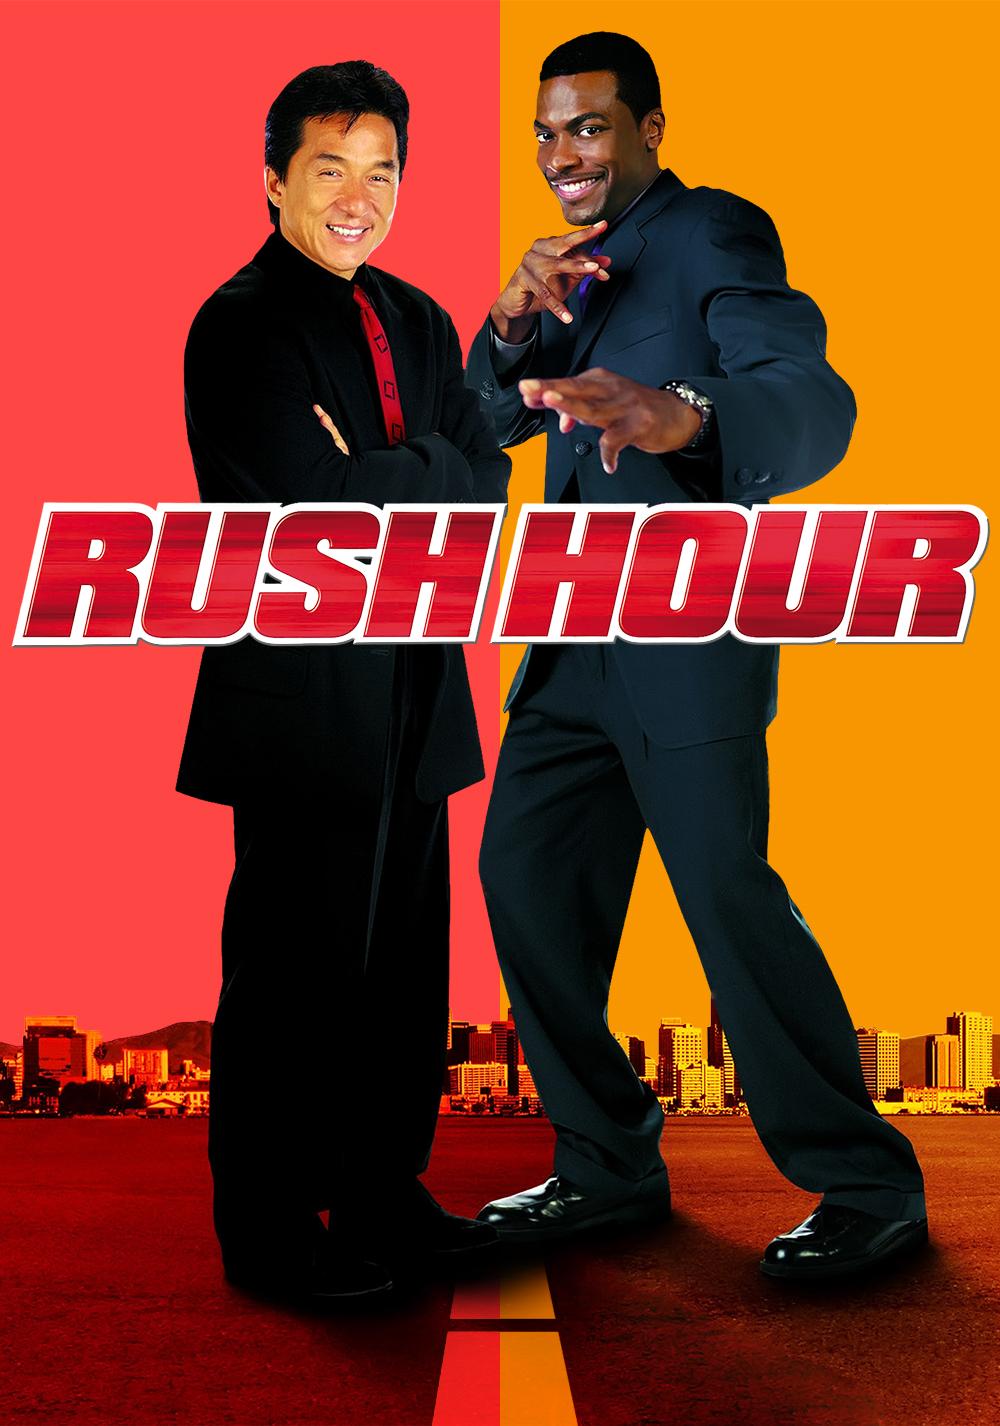 Rush.Hour